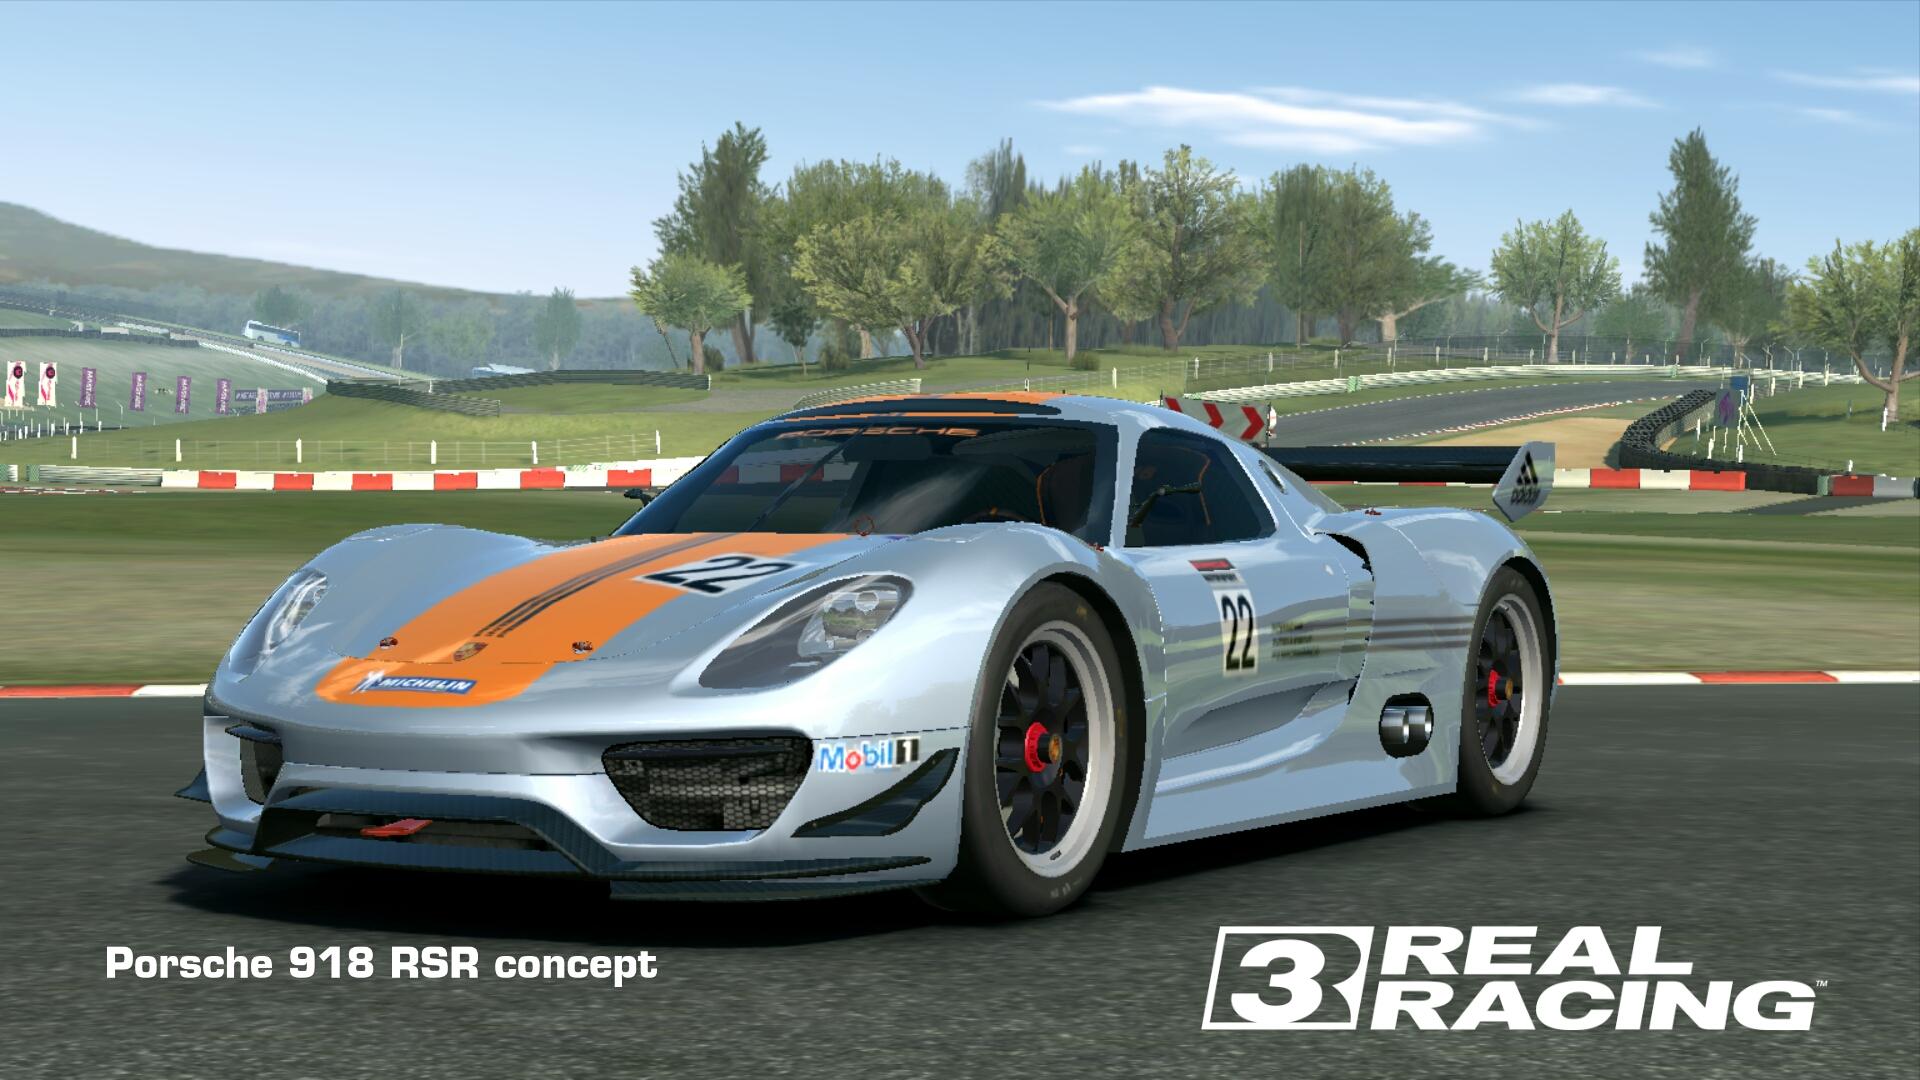 Showcase Porsche 918 RSR concept